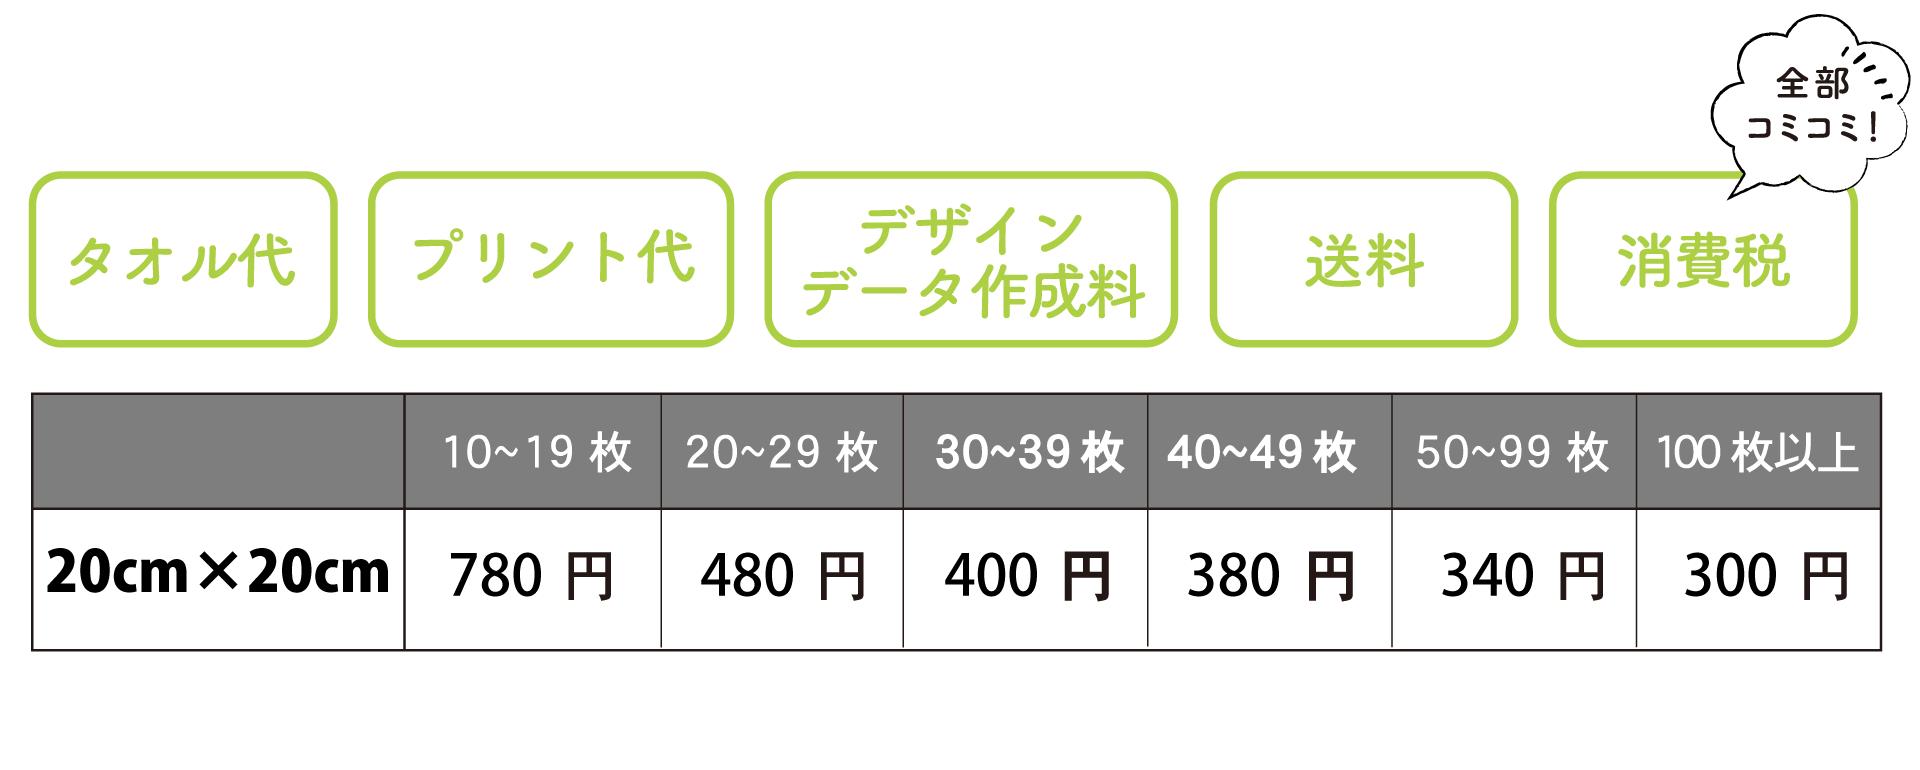 オリジナルクリーナークロス価格